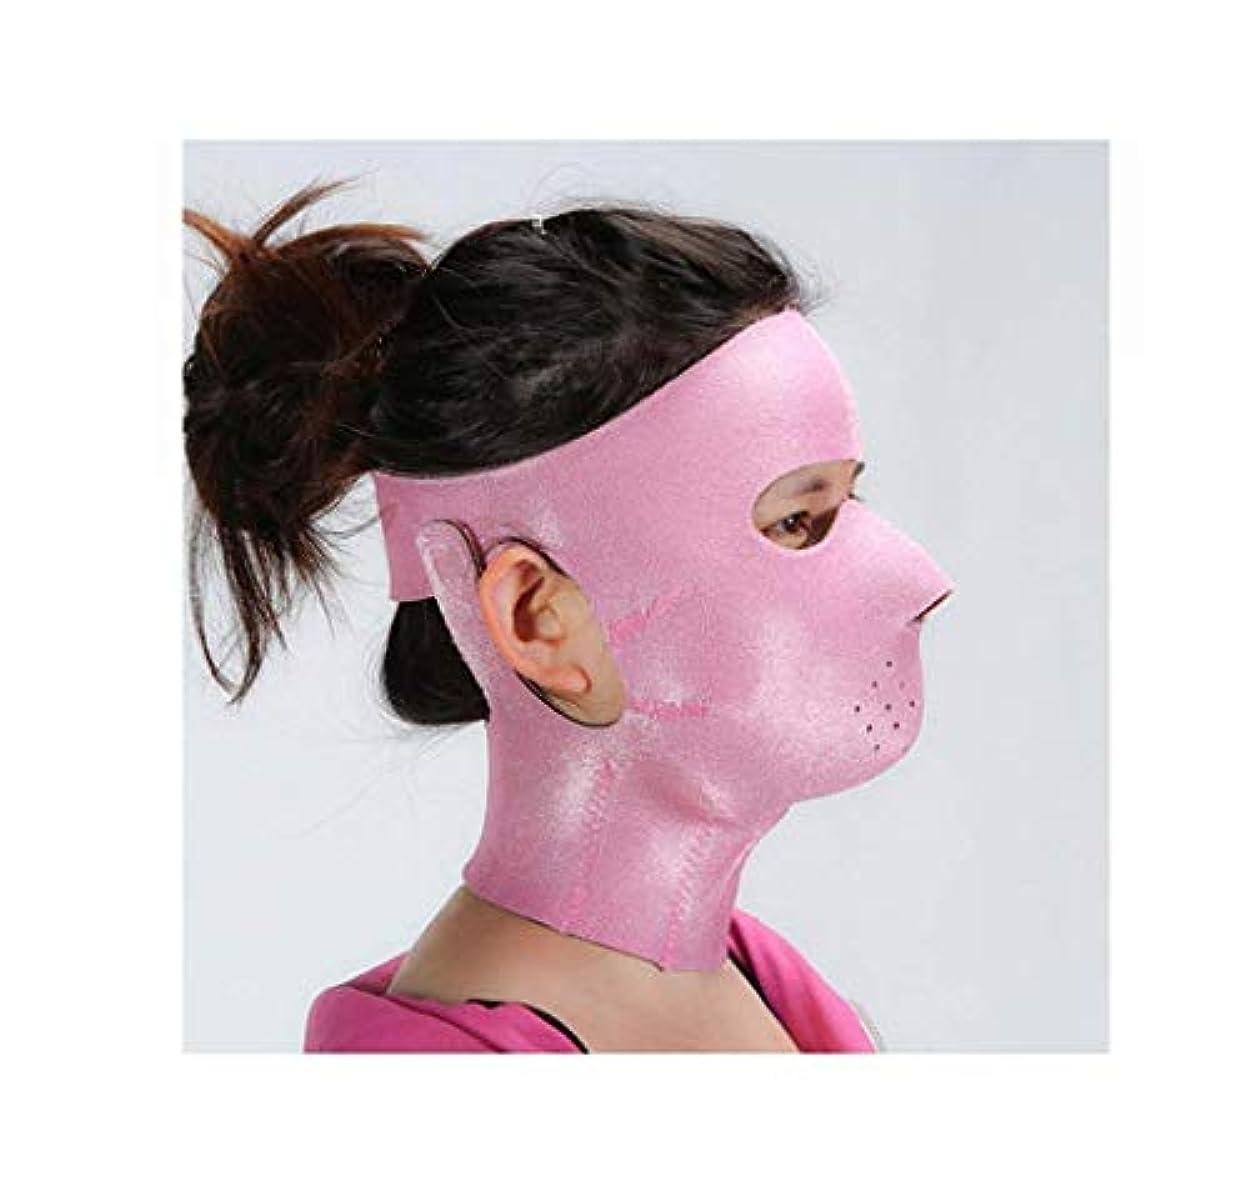 乱すでも考案するフェイスリフトマスク、フェイシャルマスクプラス薄いフェイスマスクタイトなたるみの薄いフェイスマスクフェイシャル薄いフェイスマスクアーティファクトビューティーネックストラップ付き